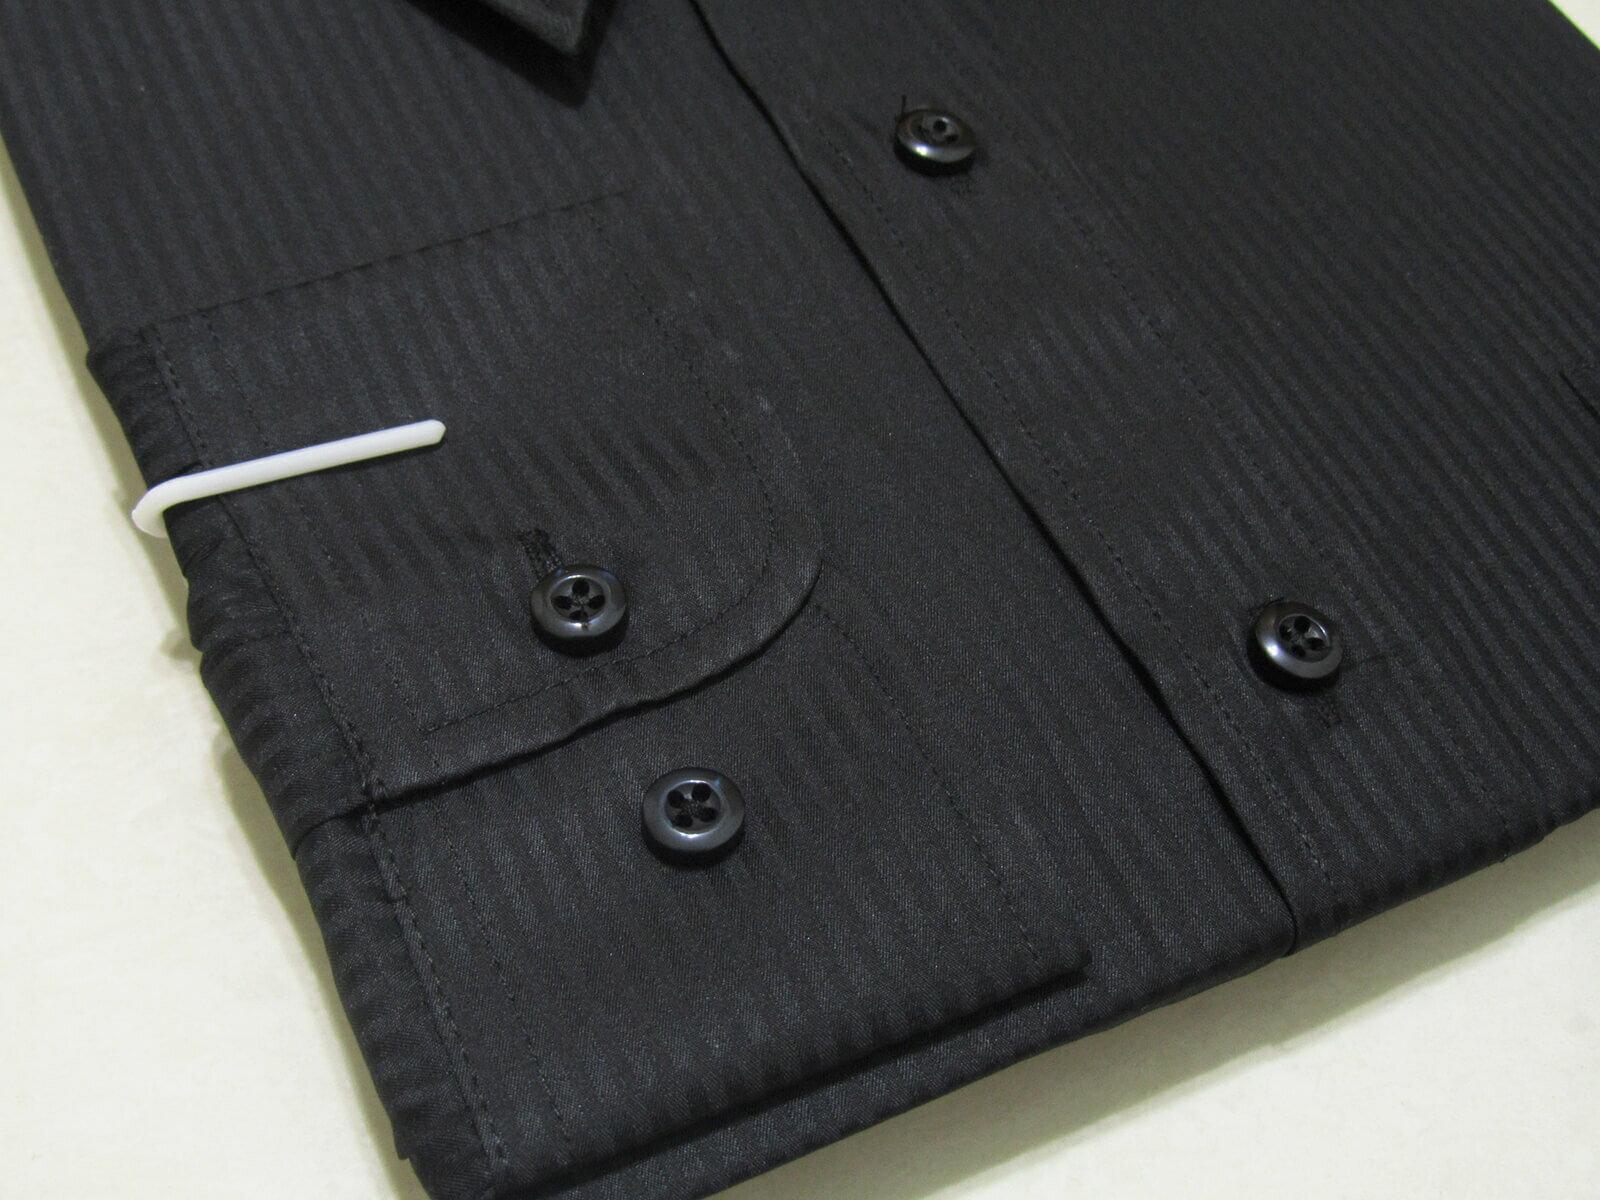 長袖條紋襯衫 標準襯衫 上班族襯衫 正式場合襯衫 商務襯衫 面試襯衫 柔棉舒適不皺免燙長袖襯衫 一般及加大尺碼襯衫 五種顏色可供選擇(335-701-01)白色襯衫、(335-703-09)淺藍色襯衫、(335-707-22)灰色襯衫、(335-710-14)淺黃色襯衫、(335-711-21)黑色襯衫 [實體店面保障] sun-e 9